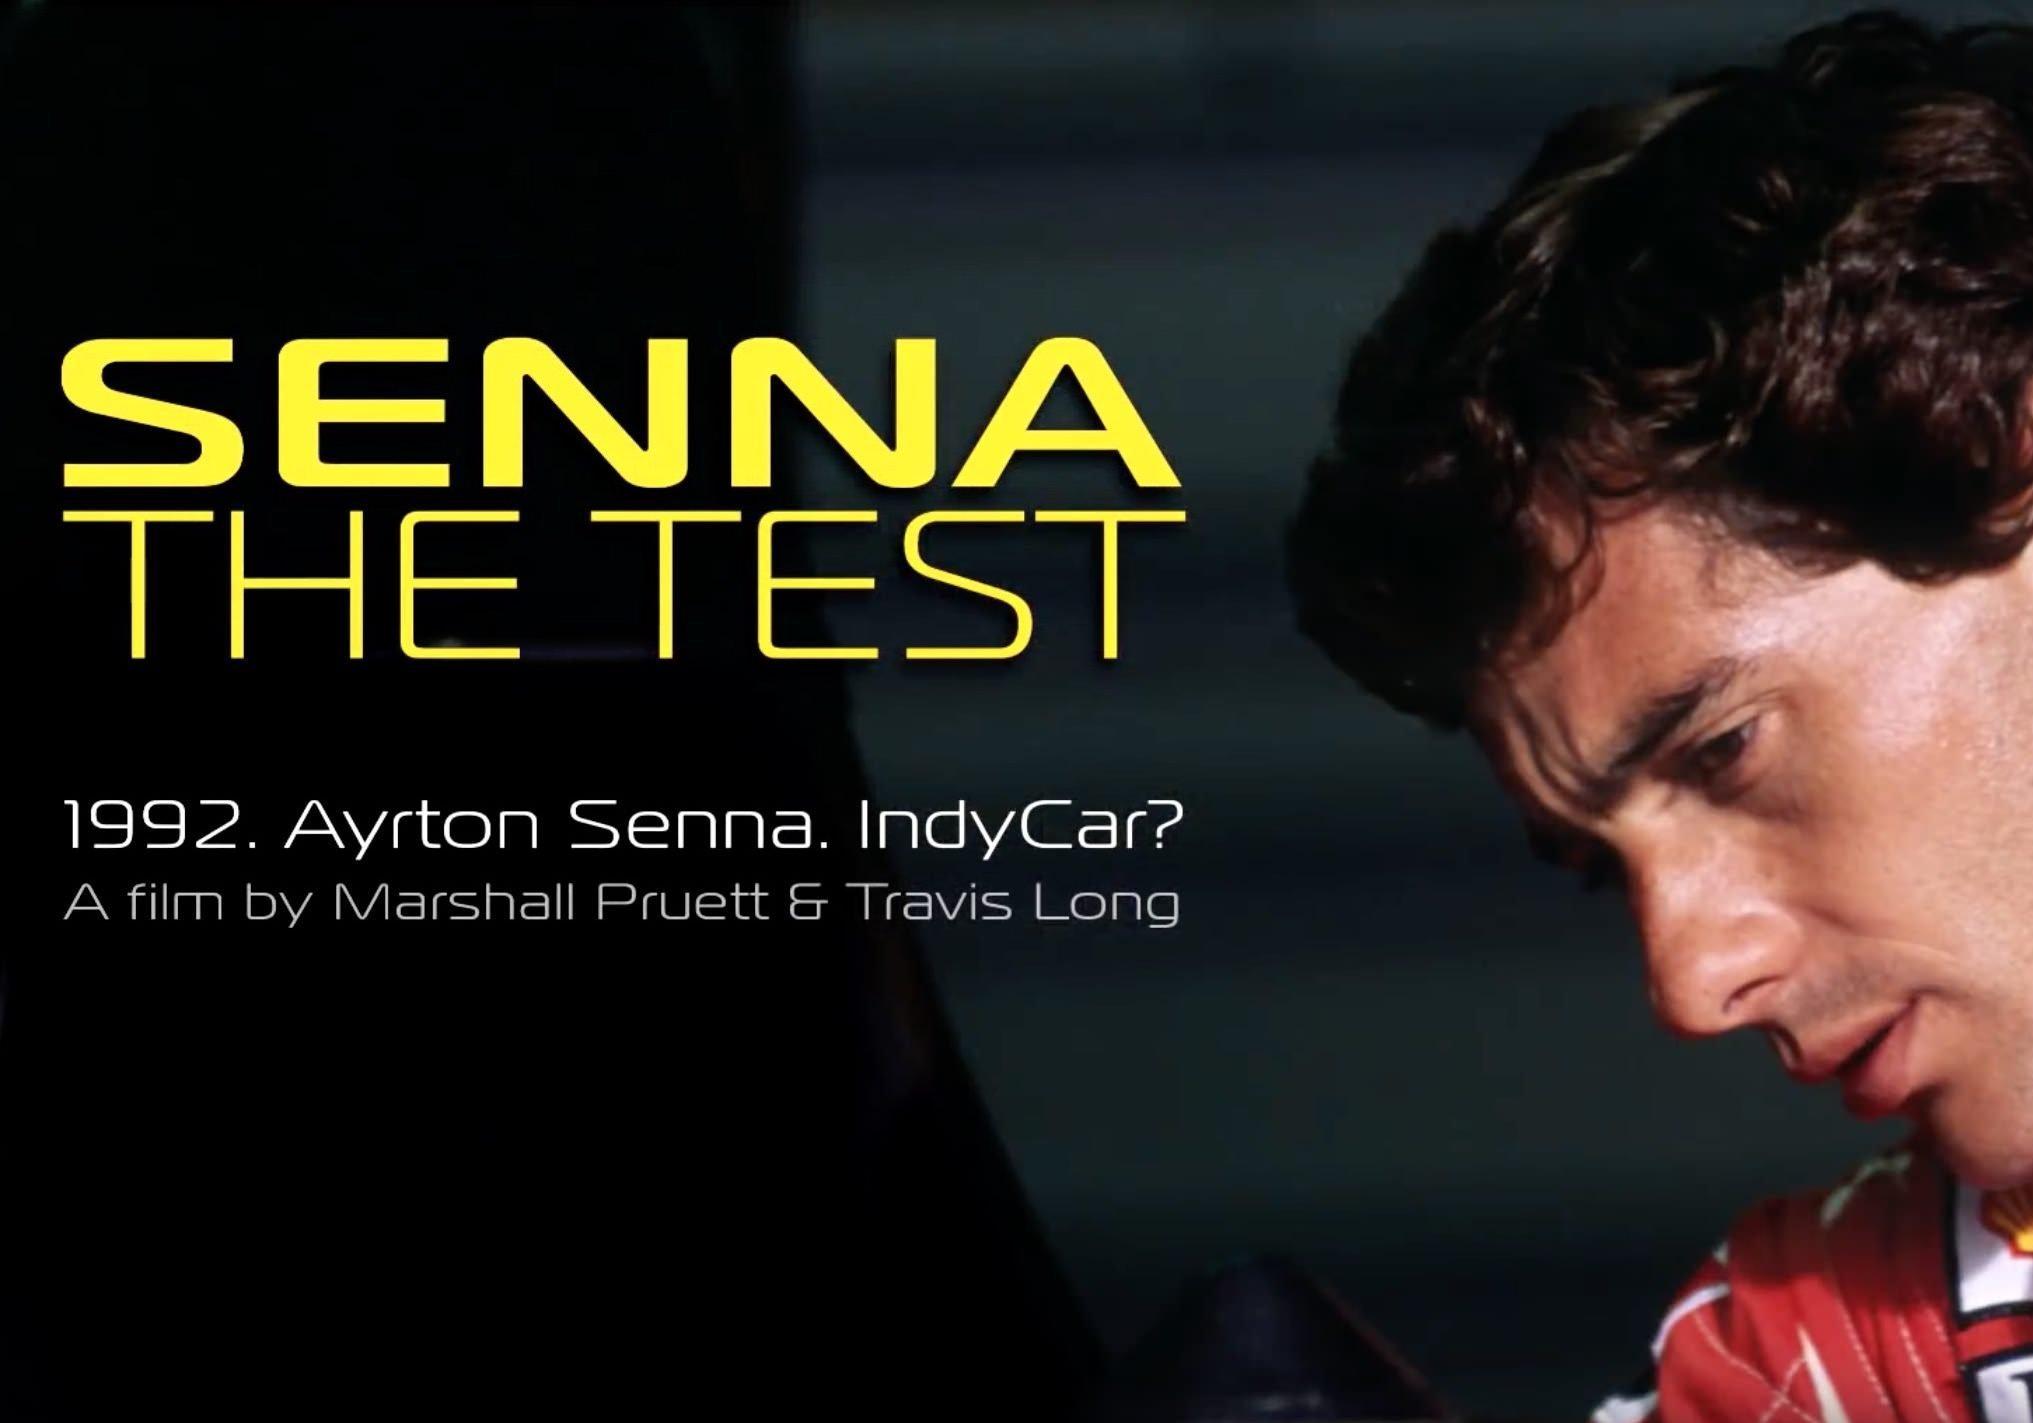 SENNA The Test Indy Car Documentary